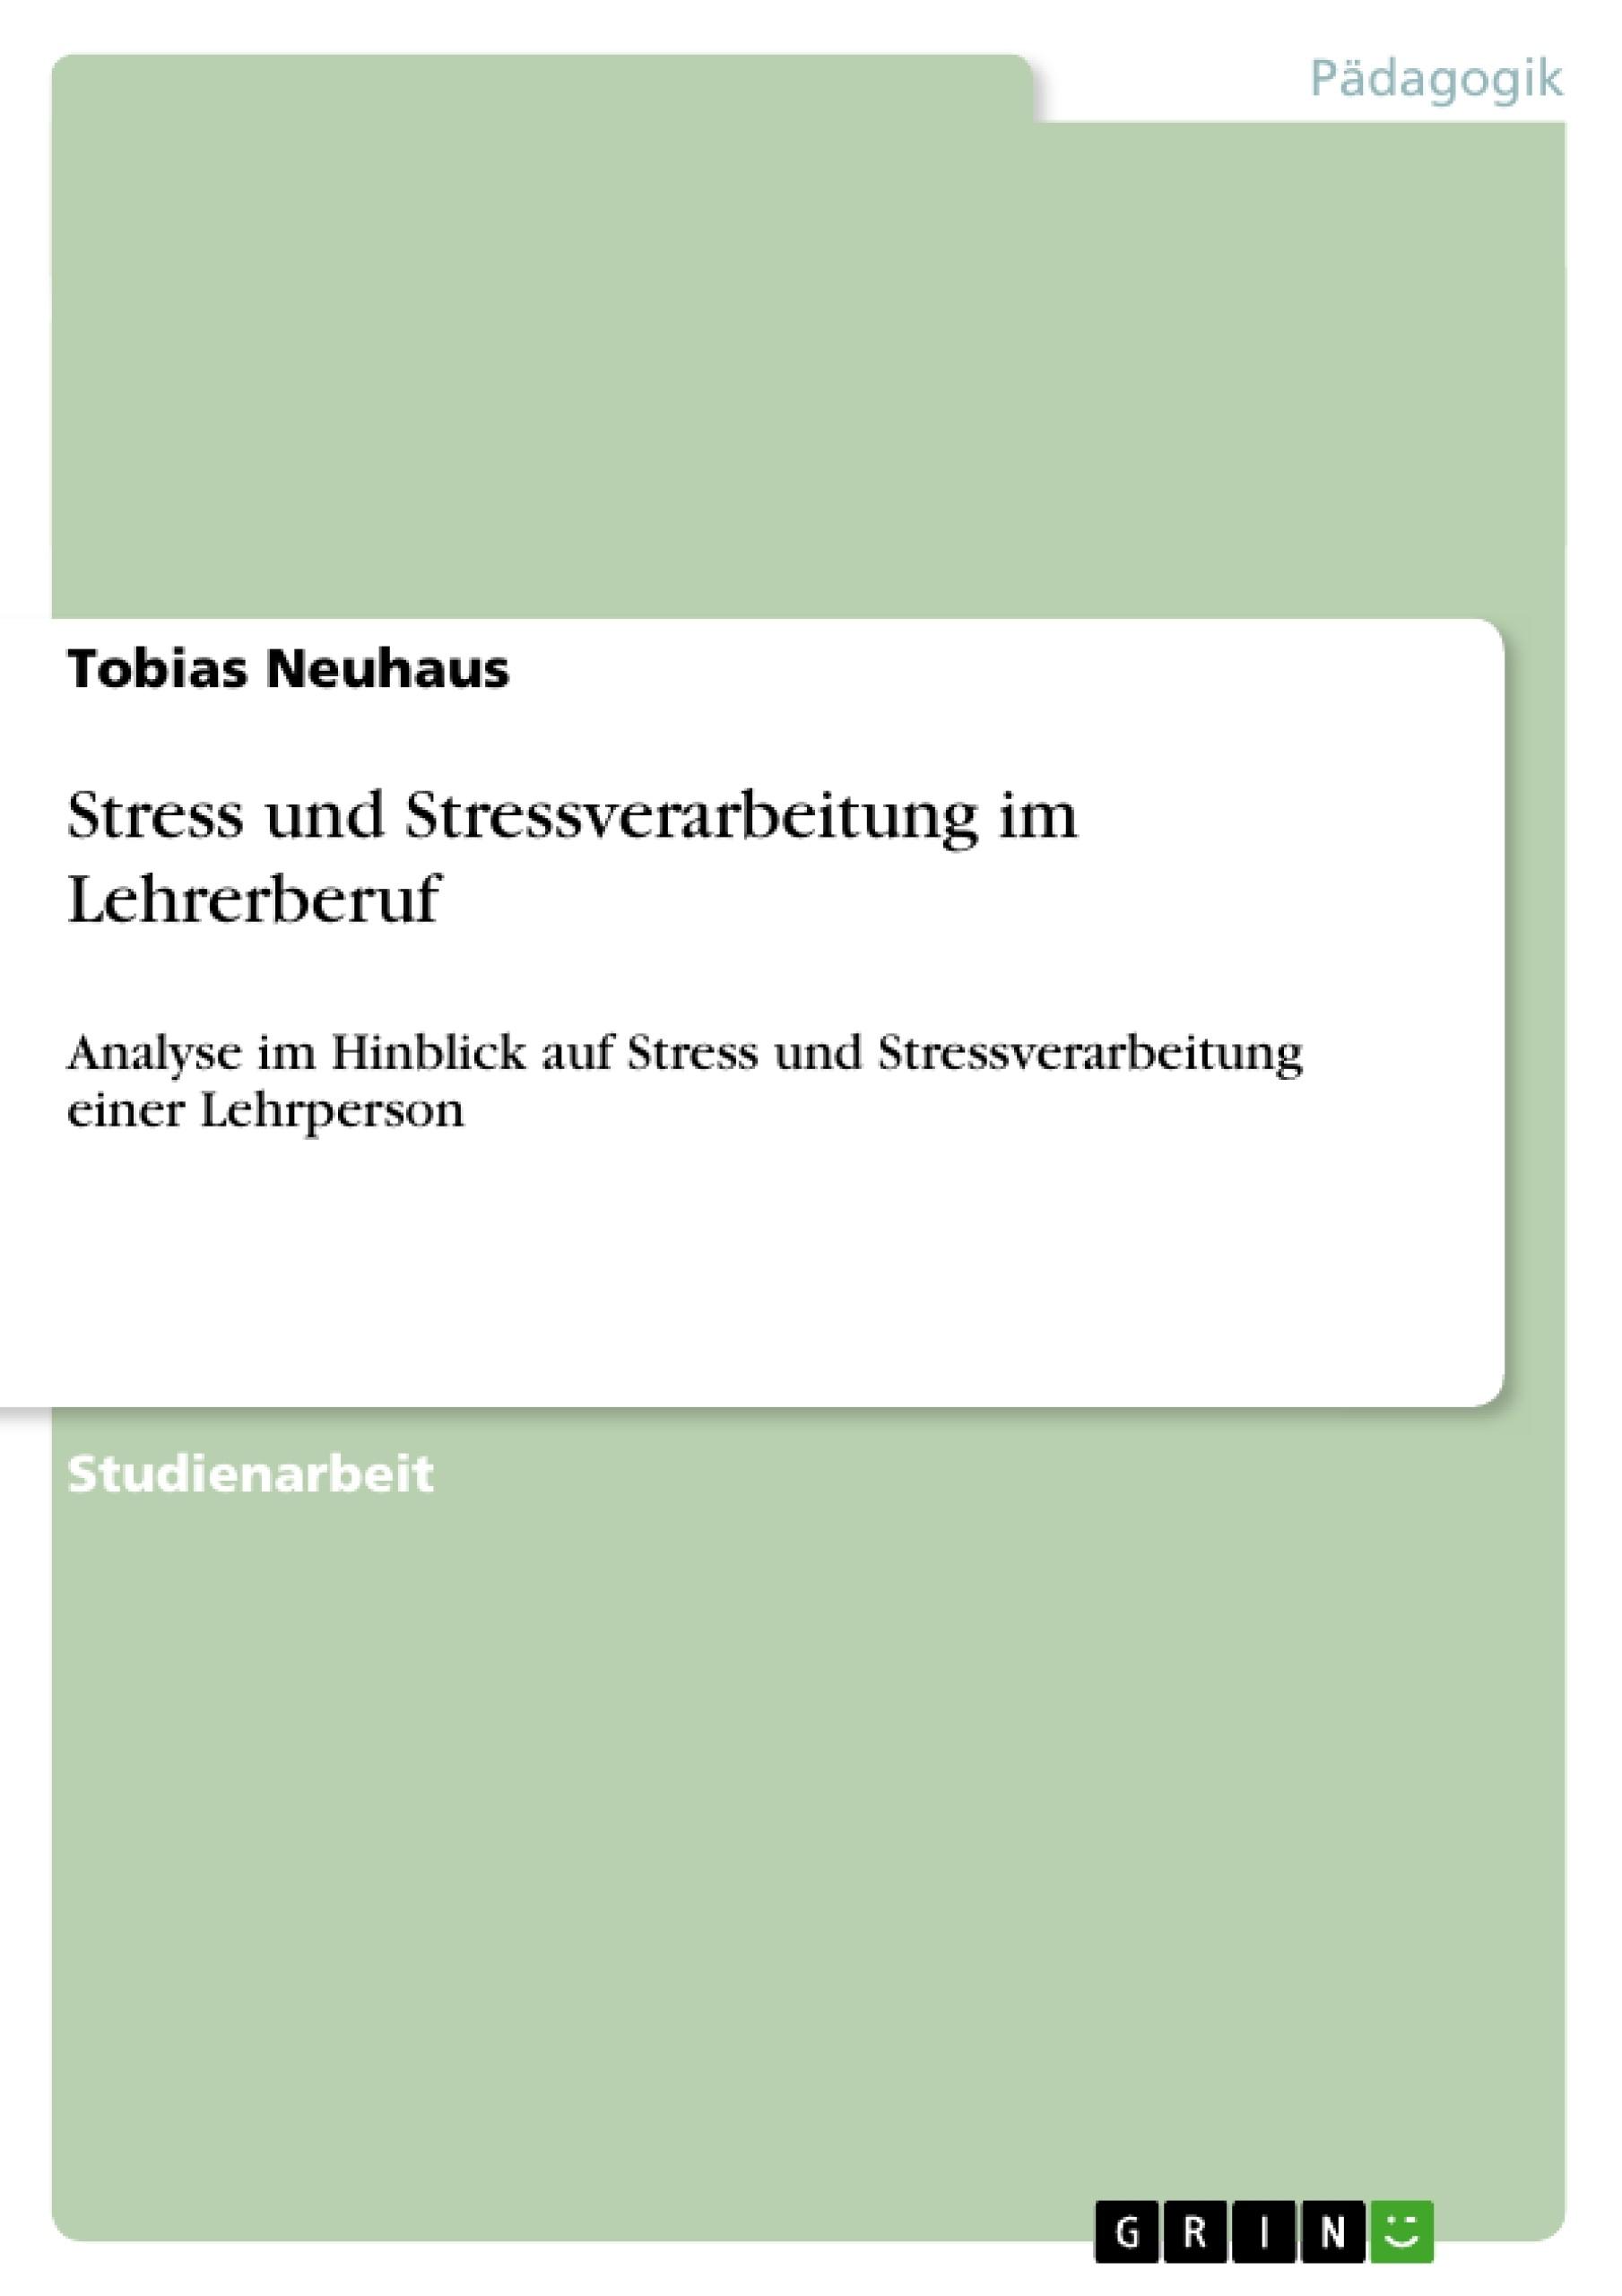 Titel: Stress und Stressverarbeitung im Lehrerberuf